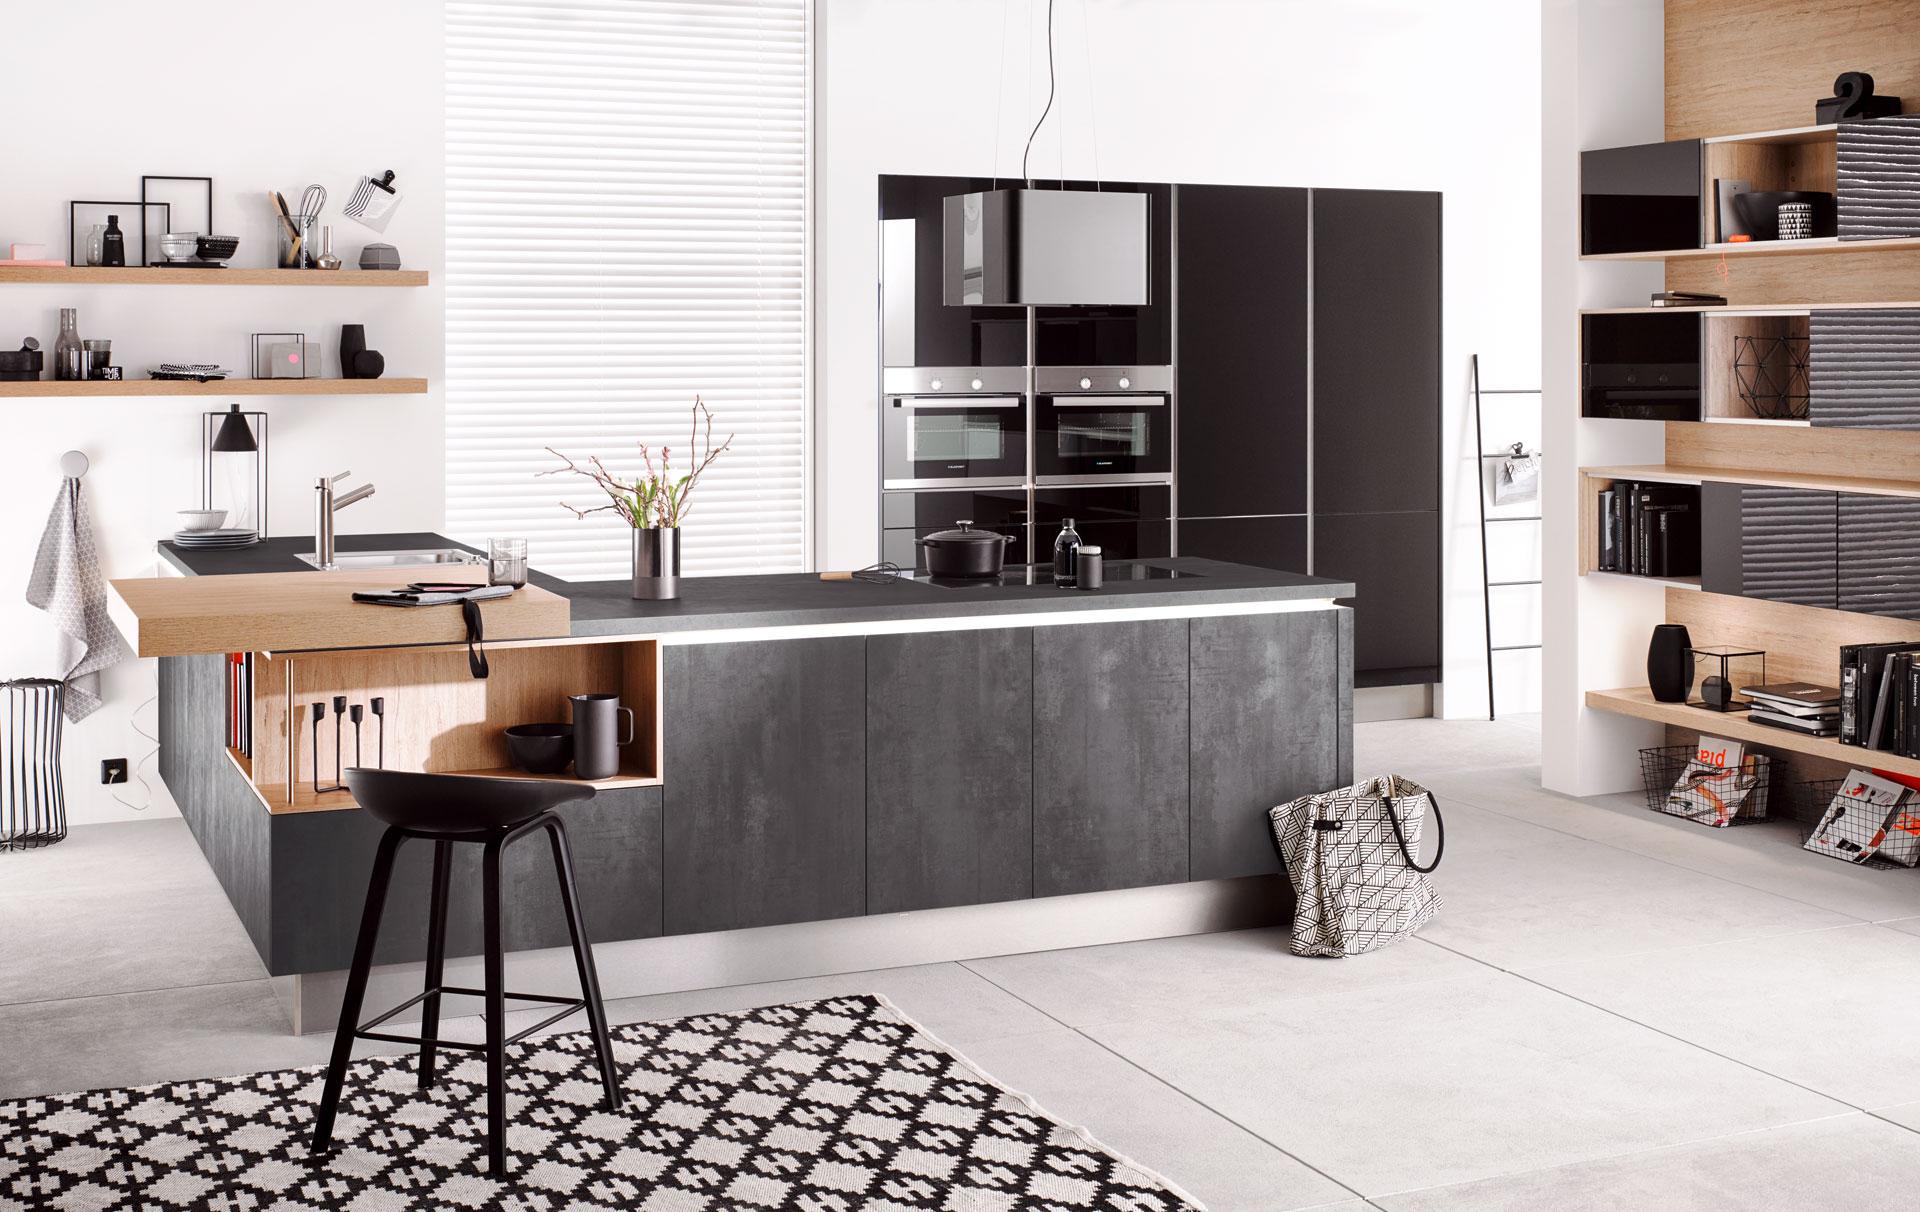 MILANO-Küche – MILANO küchen.werk Dresden